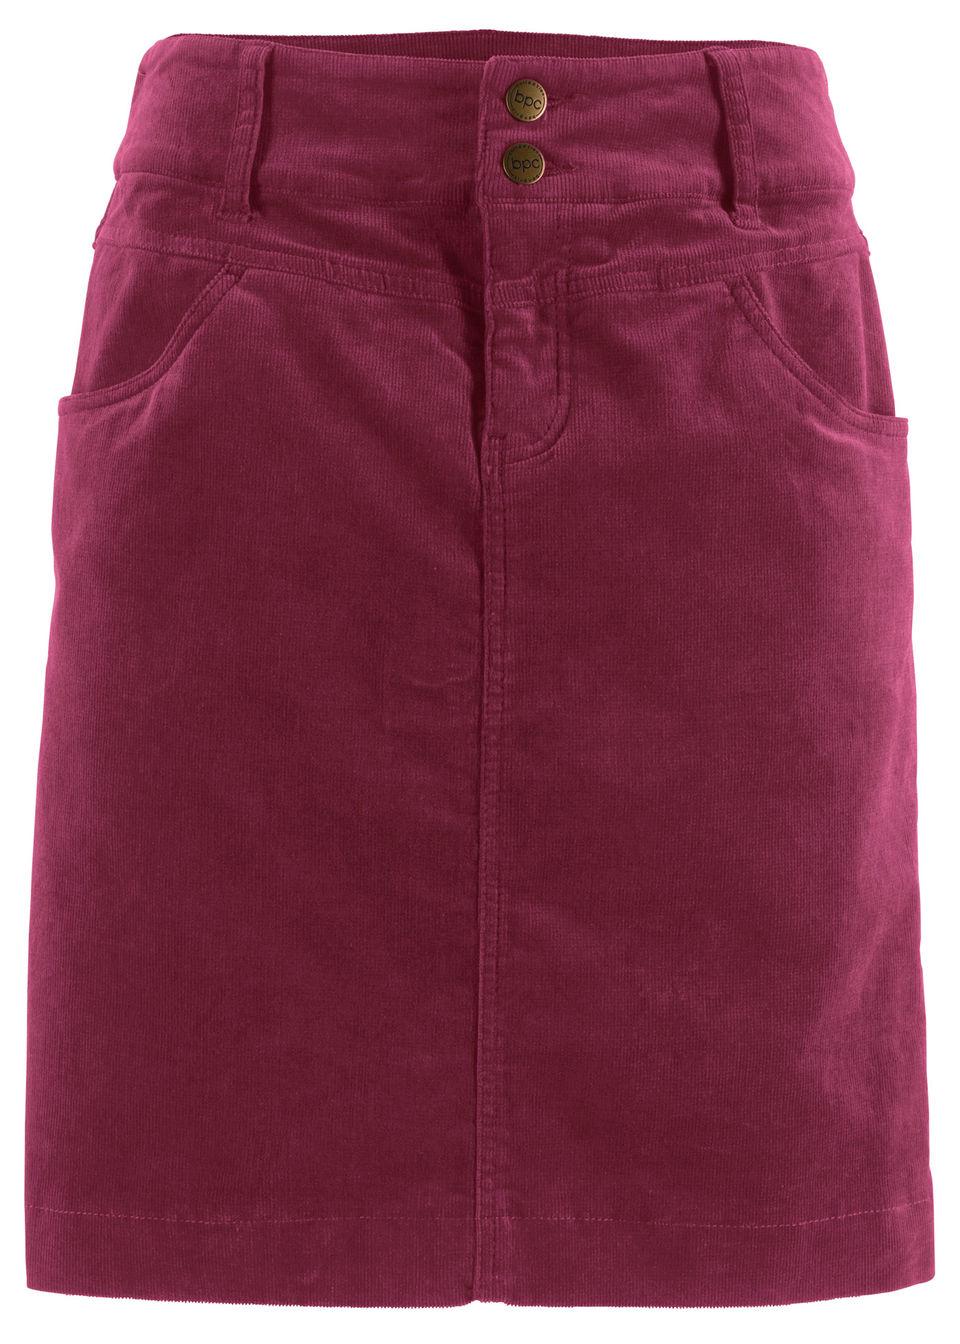 Spódnica sztruksowa ze stretchem bonprix Spódnica sztruk czer.rod